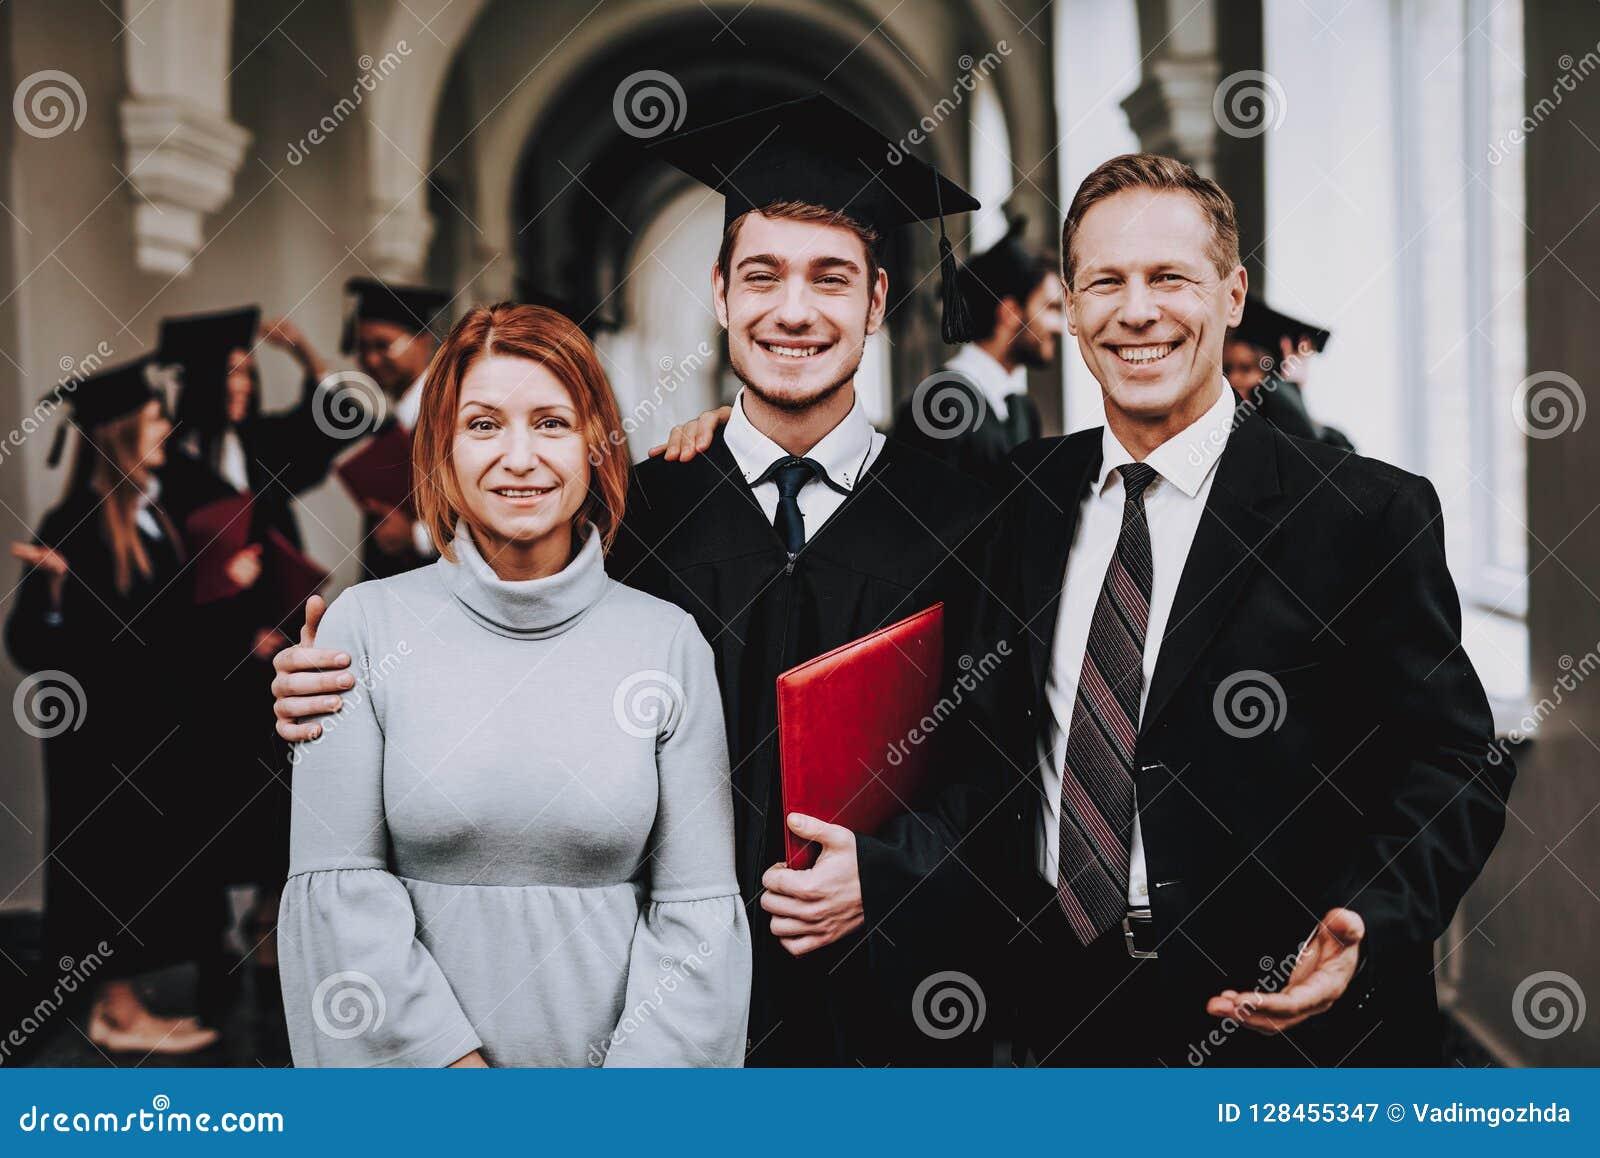 Parents. Graduates. Happy. Good Mood. Have Fun.